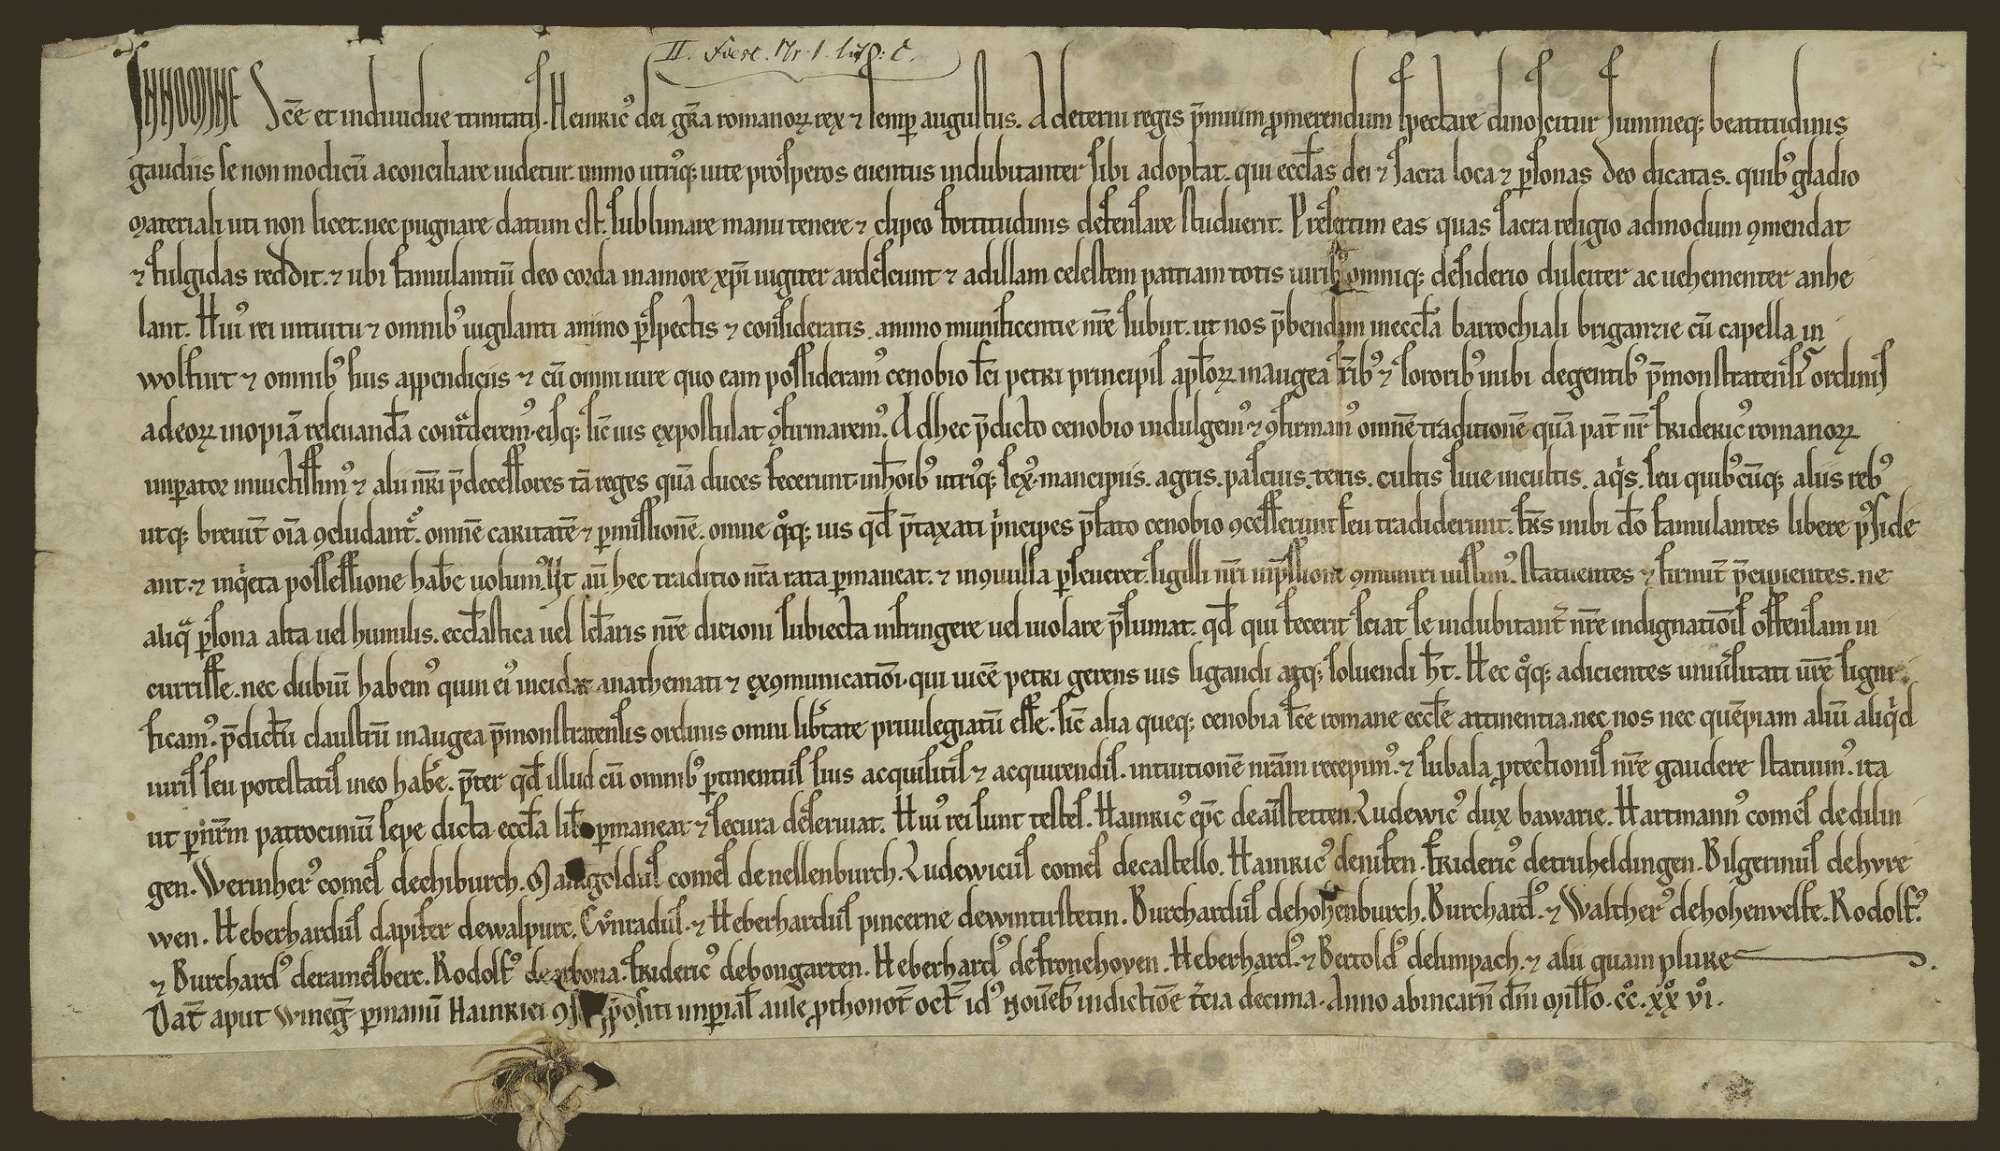 König Heinrich (VII.) übergibt und bestätigt den Brüdern und Schwestern des Klosters Weißenau die Pfründe in der Pfarrkirche zu Bregenz und der Kapelle in Wolfurt und verordnet, dass sich das Kloster aller Vorrechte der Prämonstratenser unter ausschließlichem und unentgeltlichem königlichem Schutz erfreue., Bild 1